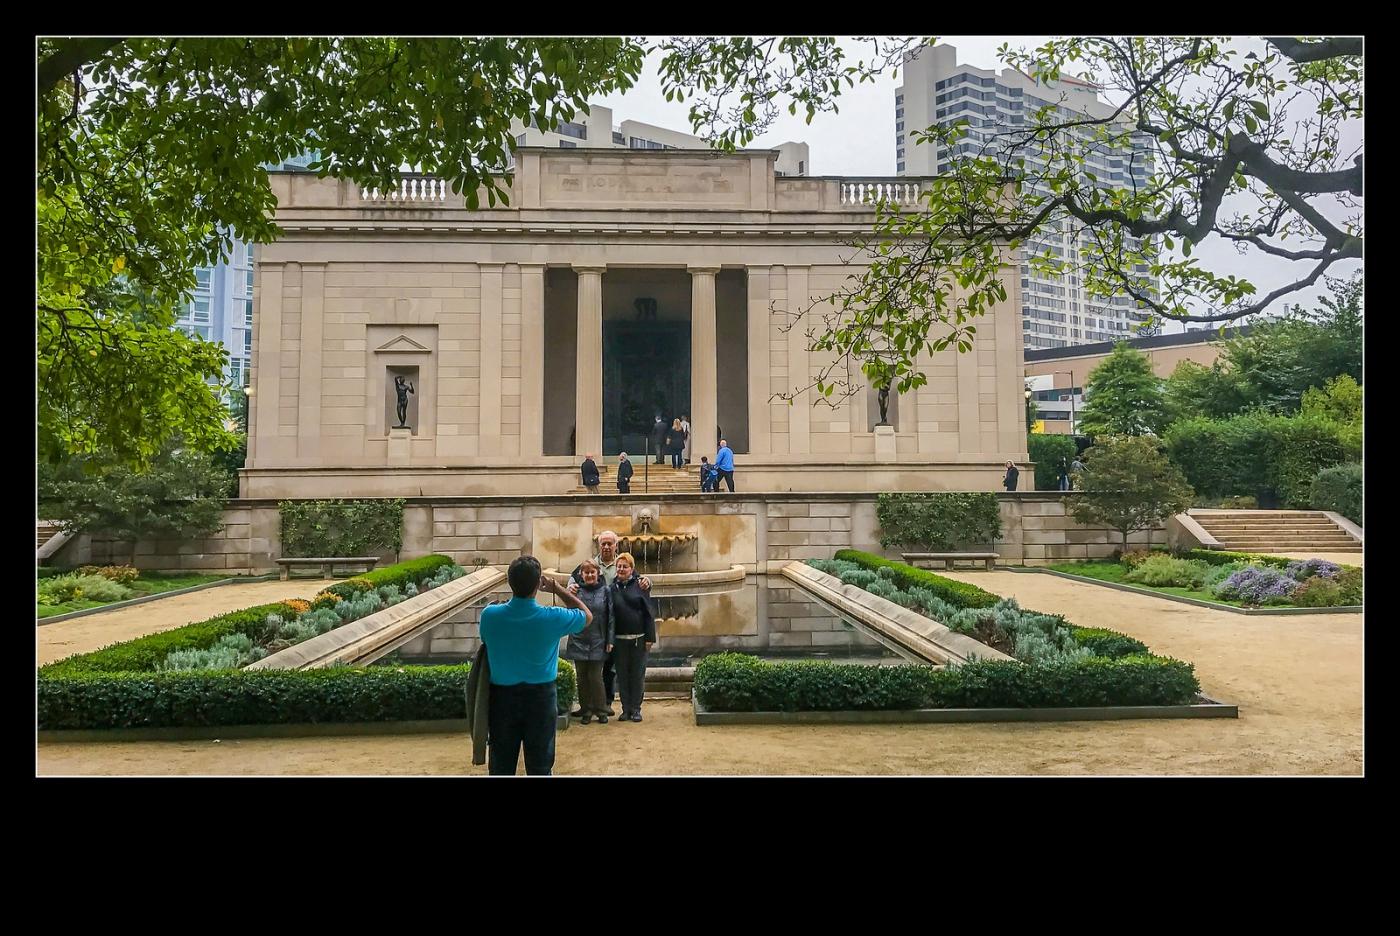 费城罗丹博物馆,值得一看(手机摄影)_图1-4